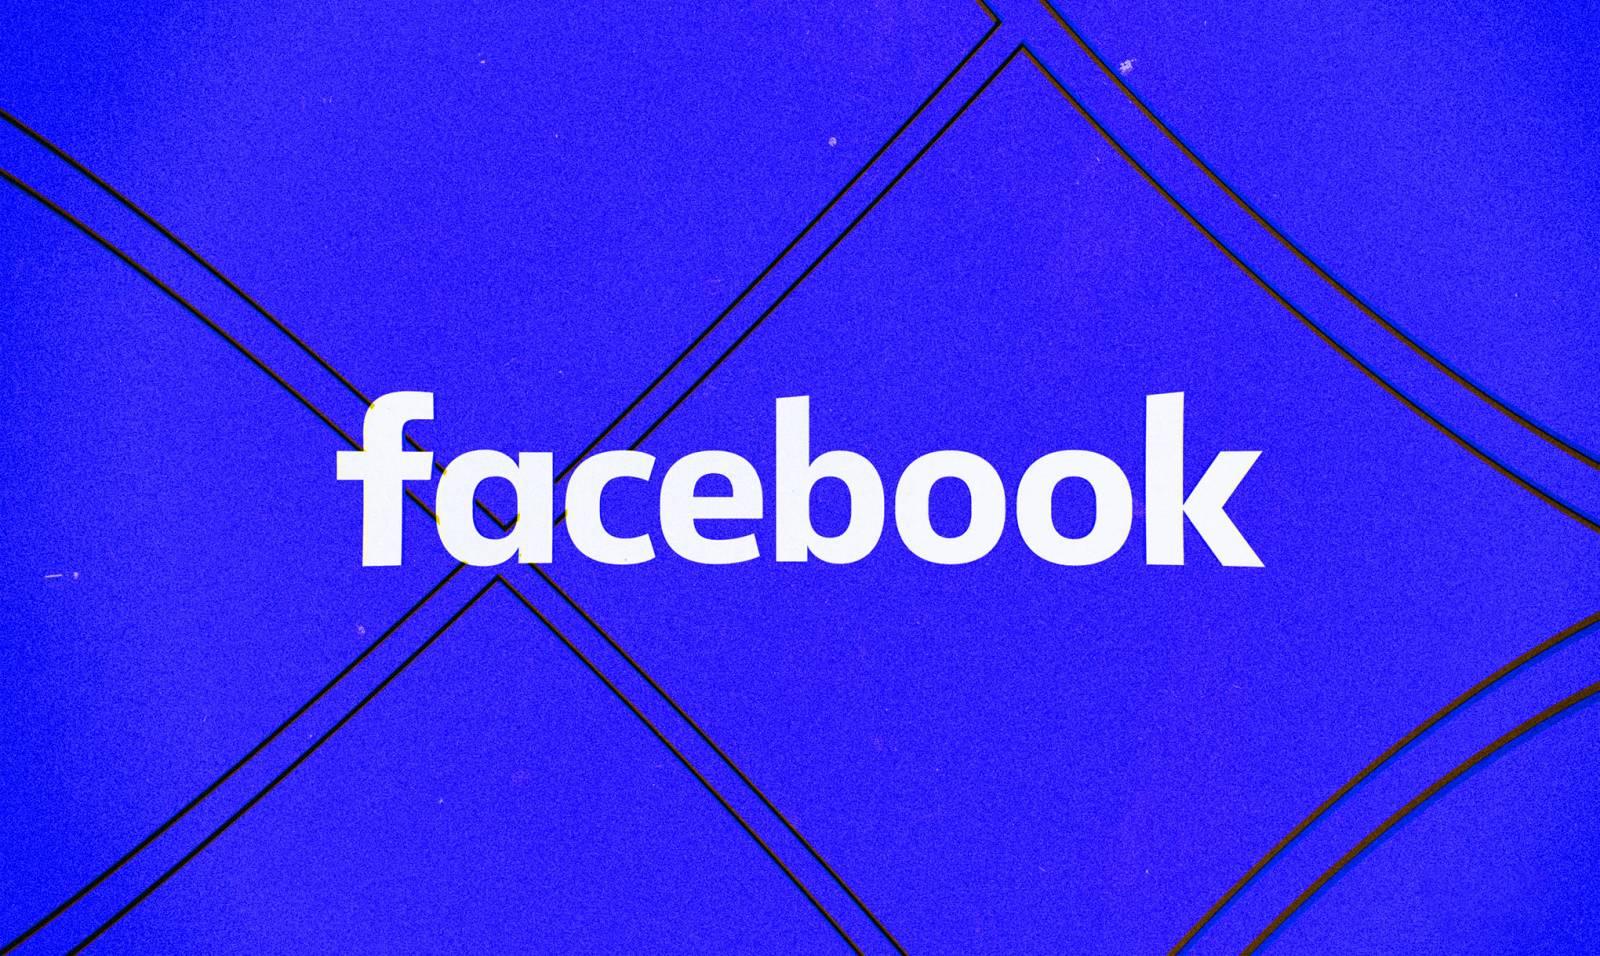 Facebook Update cu Noutati Lansat pentru Telefoane si Tablete